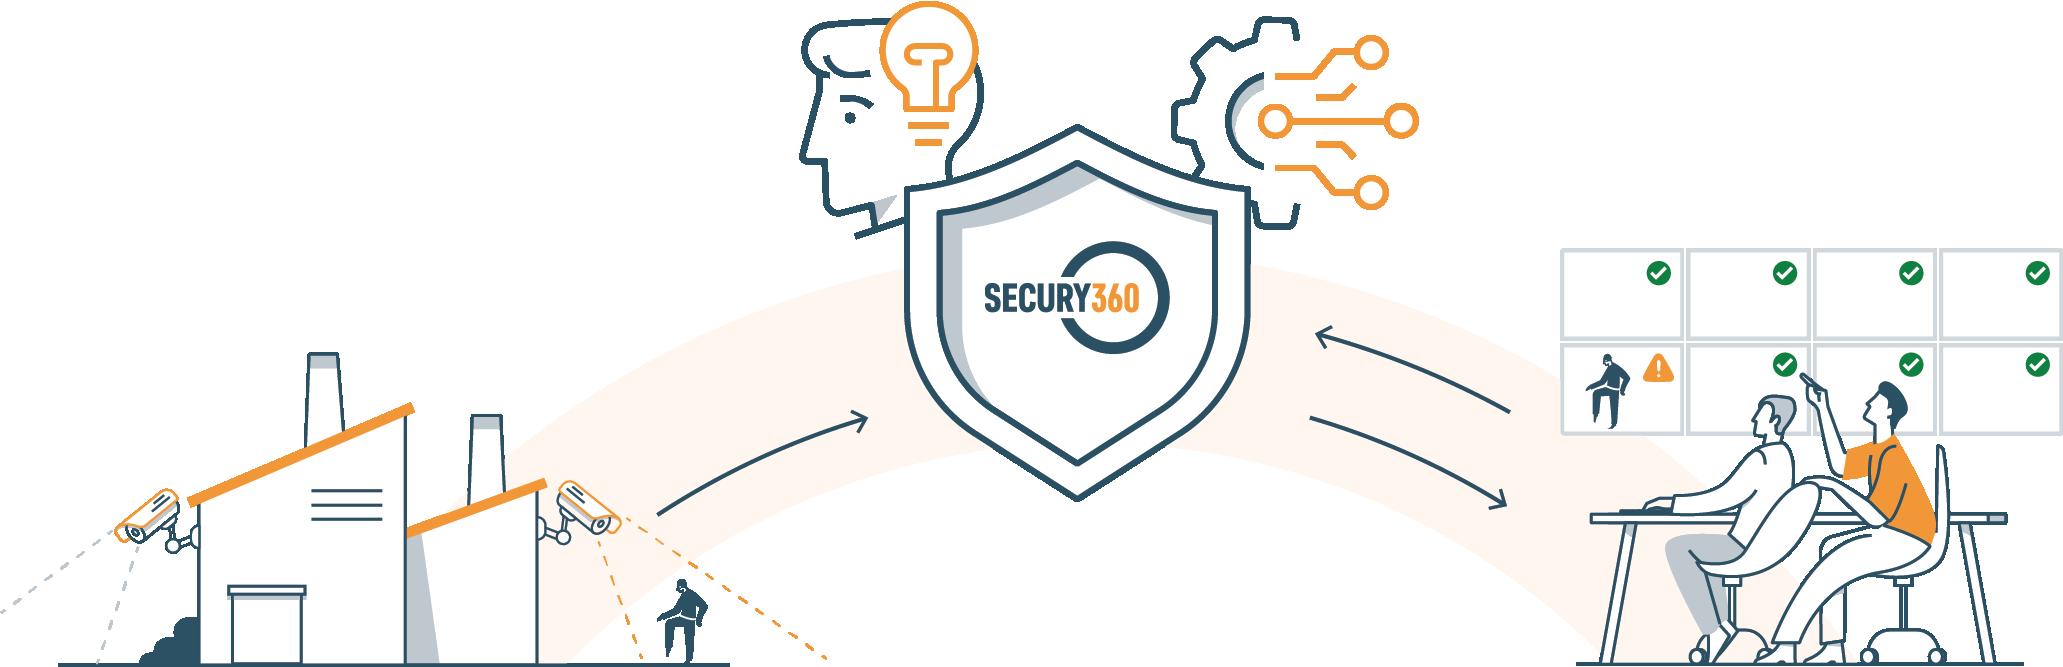 Hoe werkt Secury360 visual